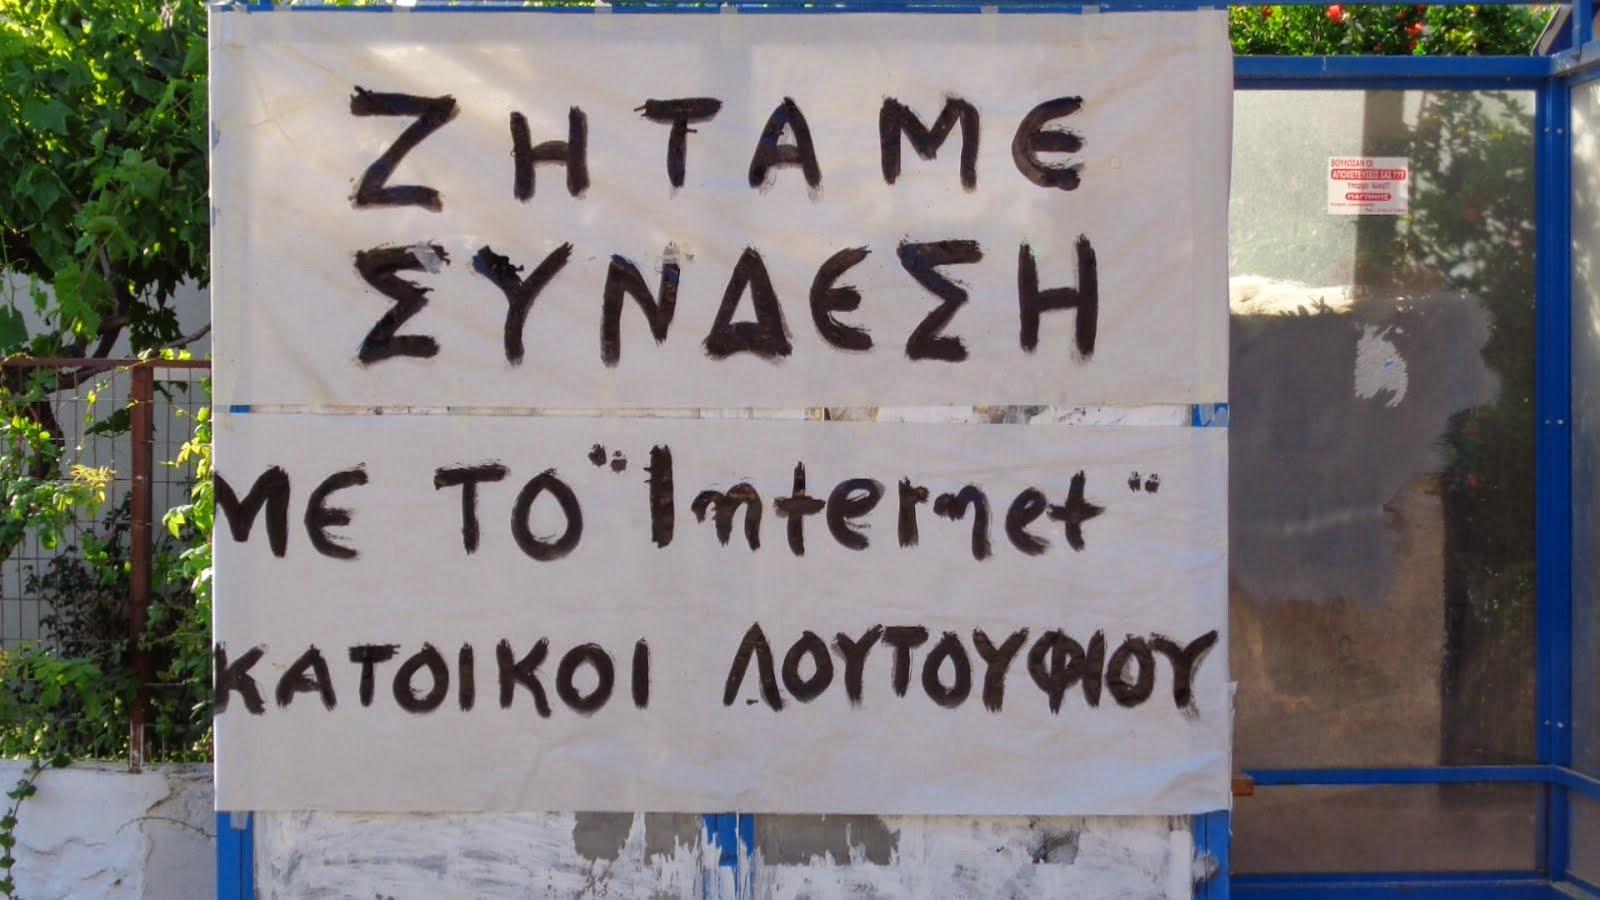 Ζηταμε Συνδεση με το Internet Κατοικοι Λουτουφιου